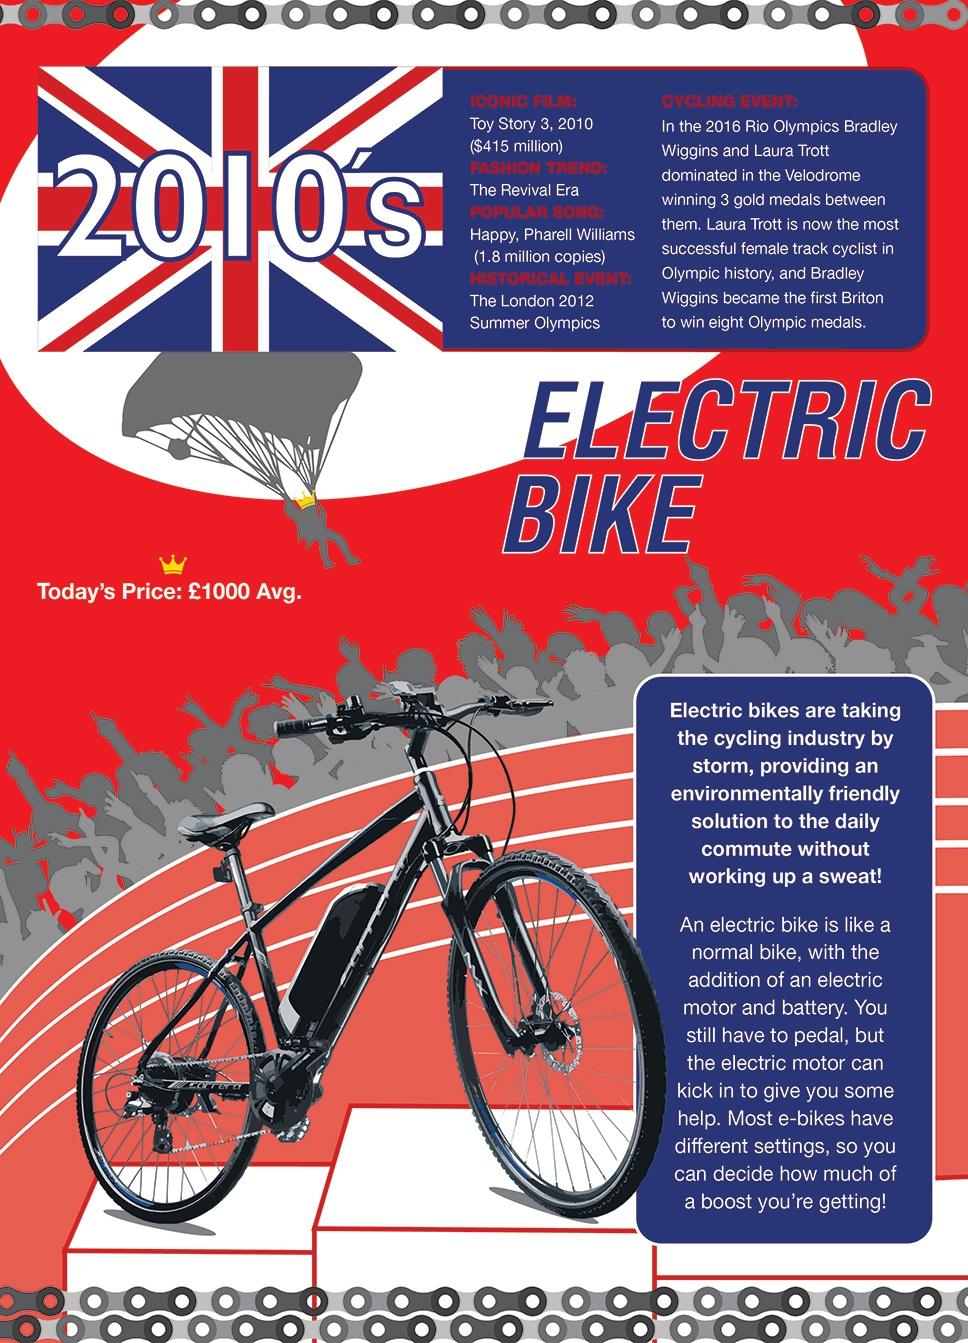 2010s Electric Bike